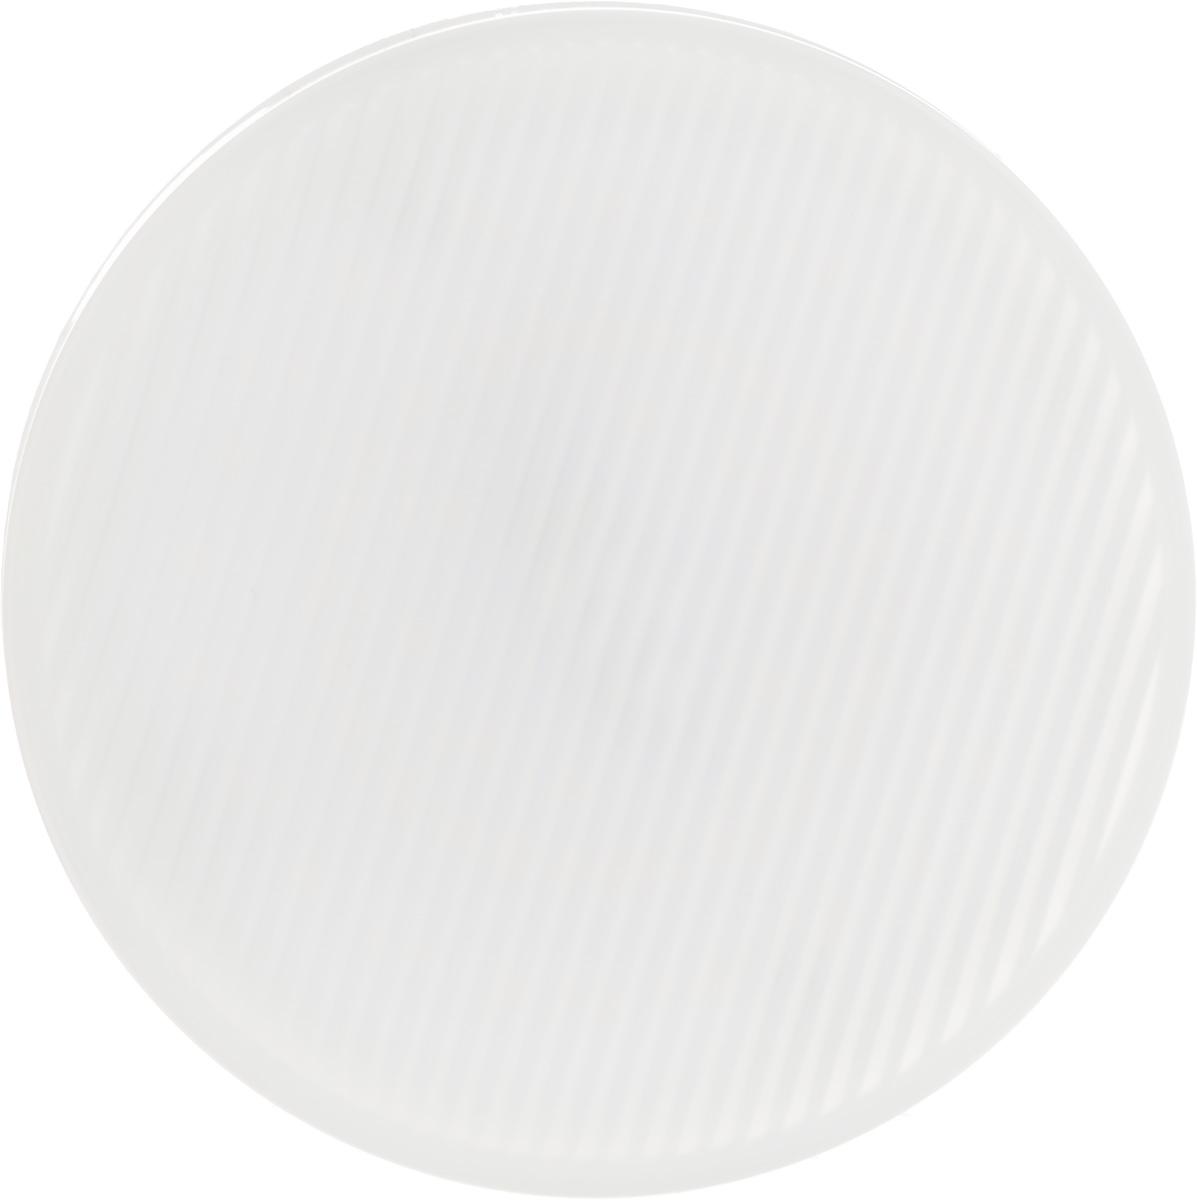 Лампа светодиодная Philips Essential LED, цоколь GX53, 5,5W, 2700KЛампа Essential LED 6-50Вт 2700К GX53Современные светодиодные лампы Essential LED экономичны, имеют долгий срок службы и мгновенно загораются, заполняя комнату светом. Лампа классической формы и высокой яркости позволяет создать уютную и приятную обстановку в любой комнате вашего дома.Светодиодные лампы потребляют на 86 % меньше электроэнергии, чем обычные лампы накаливания, излучая при этом привычный и приятный теплый свет. Срок службы светодиодной лампы Essential LED составляет до 15 000 часов, что соответствует общему сроку службы пятнадцати ламп накаливания. Благодаря чему менять лампы приходится значительно реже, что сокращает количество отходов.Напряжение: 220-240 В. Световой поток: 500 lm.Эквивалент мощности в ваттах: 40 Вт.